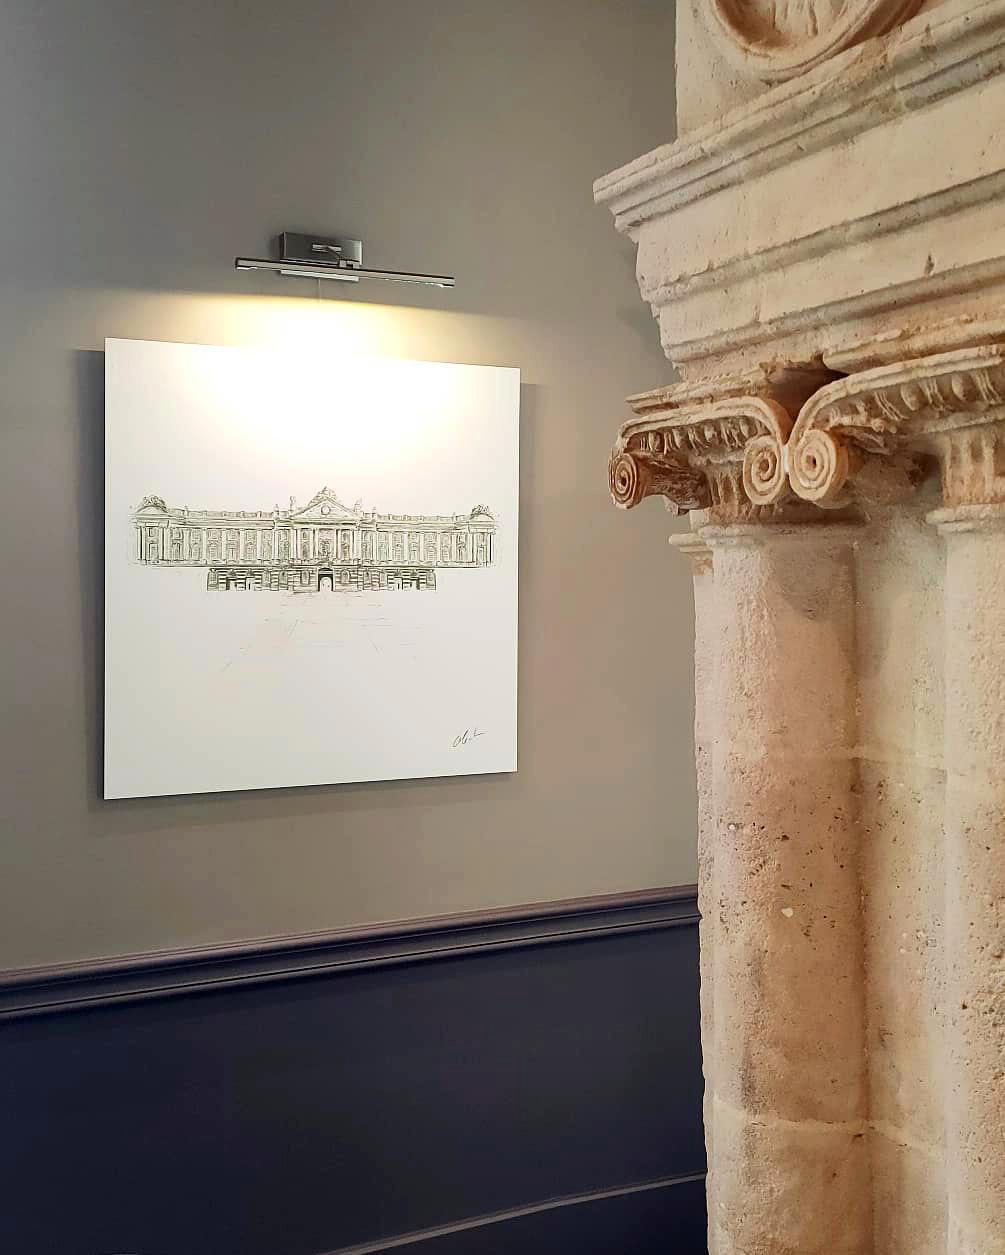 """Photographie du dessin intitulé """"Le Capitole de Toulouse"""" exposé au restaurant Le Cénacle de Toulouse"""